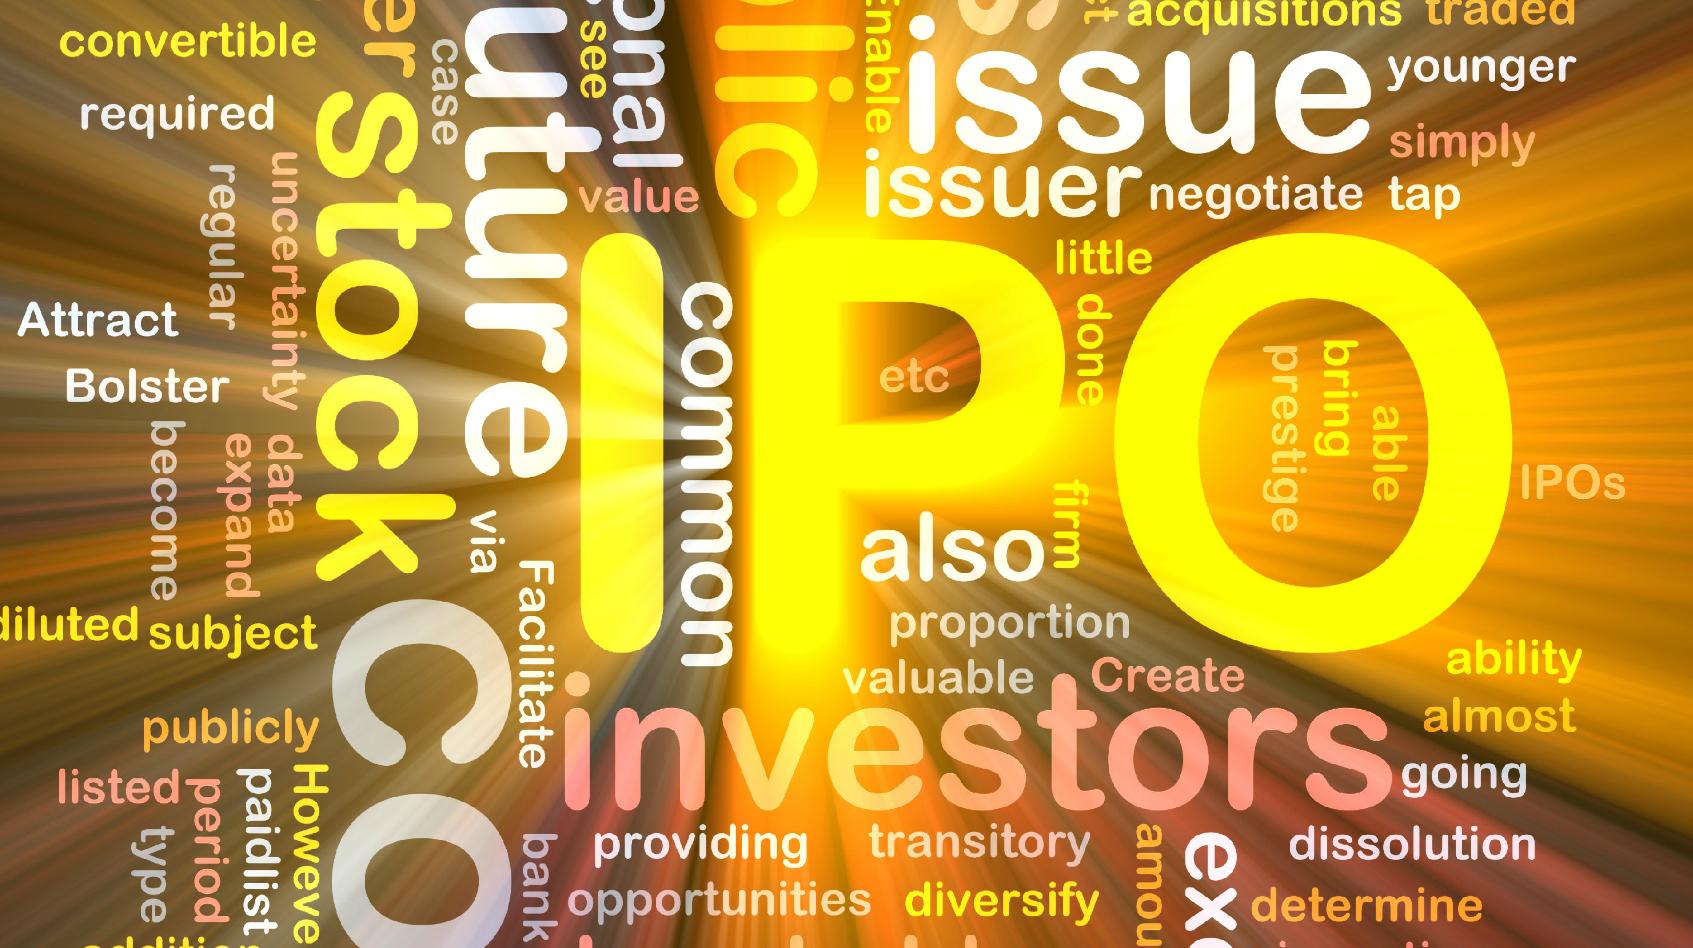 医疗企业迎来IPO狂潮 今年上市数量将四倍于科技公司